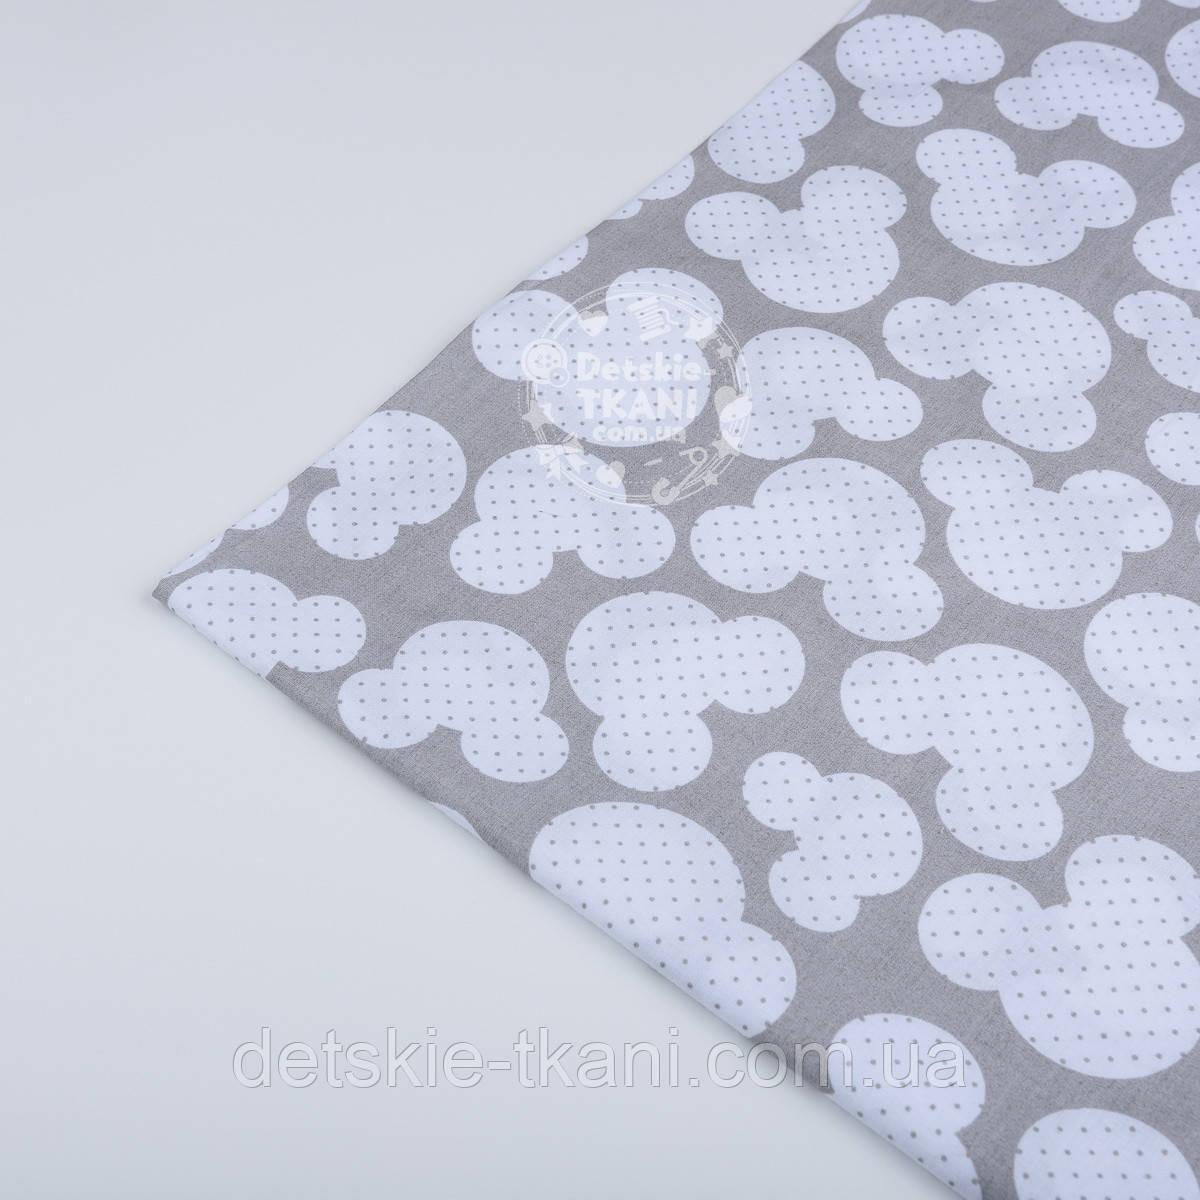 Лоскут ткани №19  серого цвета с очертаниями мики мауса, размер 50*80 см